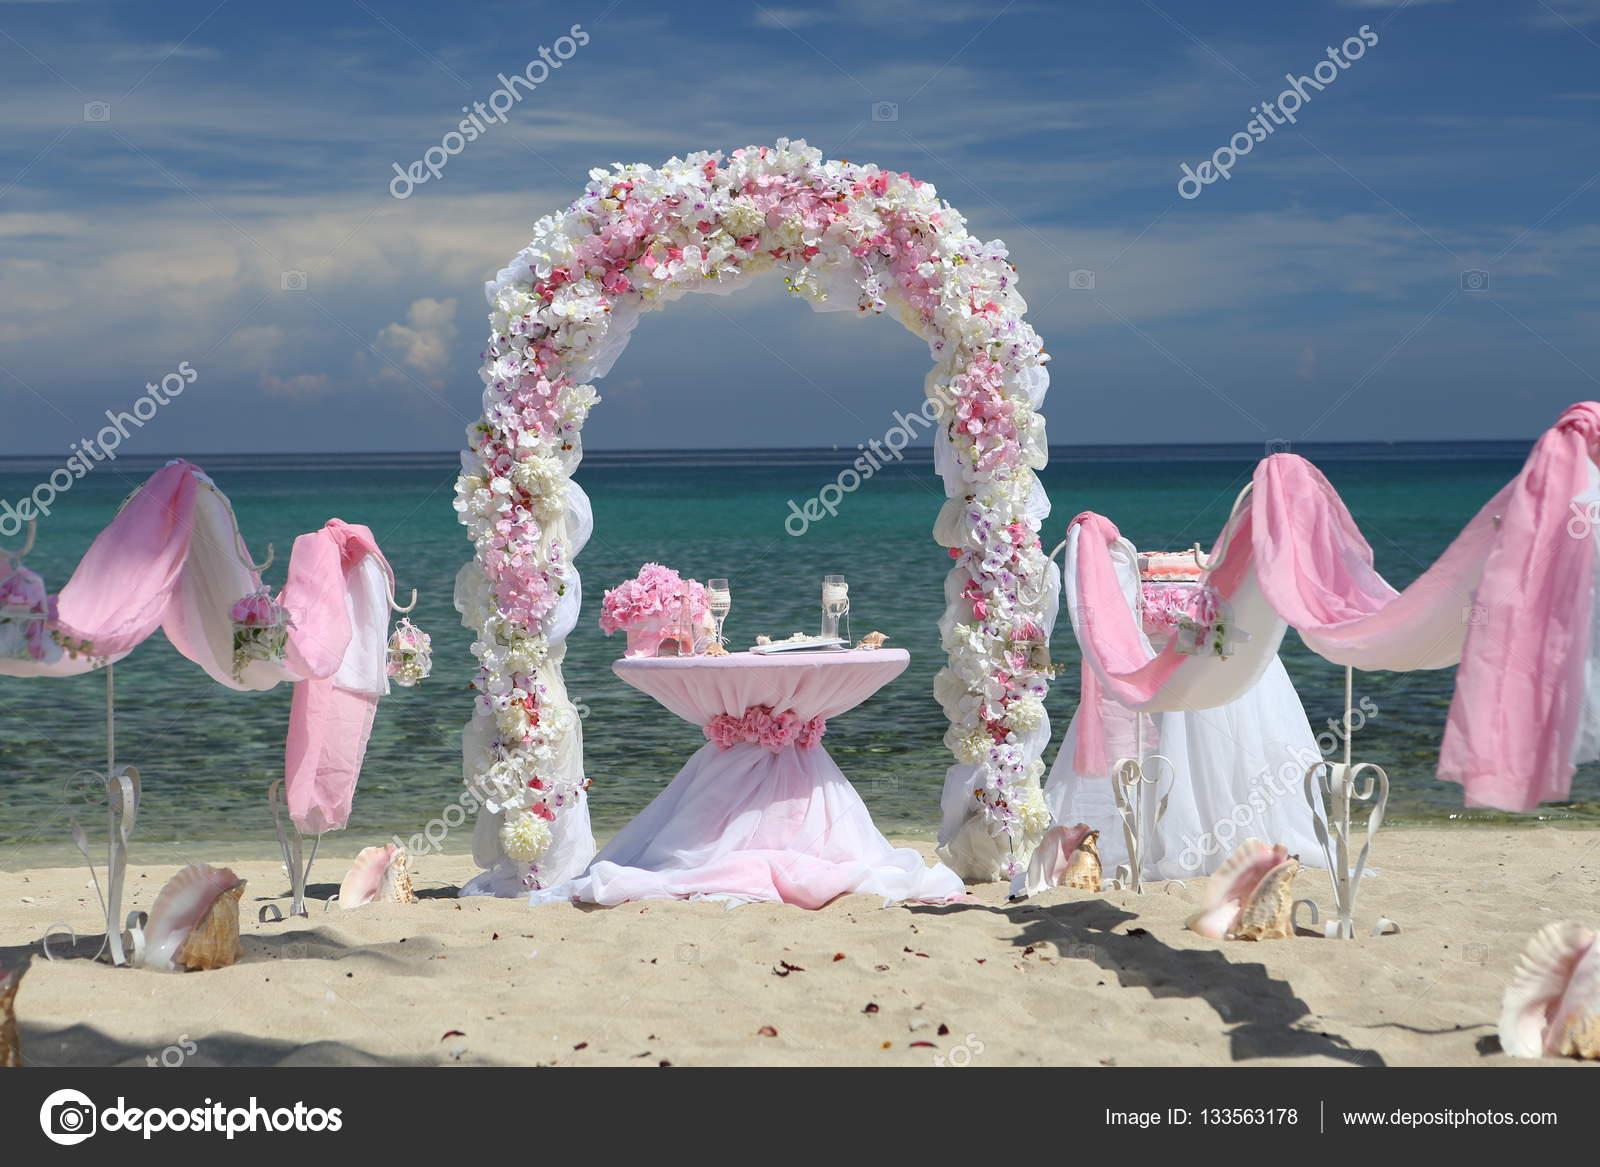 Matrimonio Spiaggia Decorazioni : Decorazioni per un matrimonio in spiaggia u foto stock